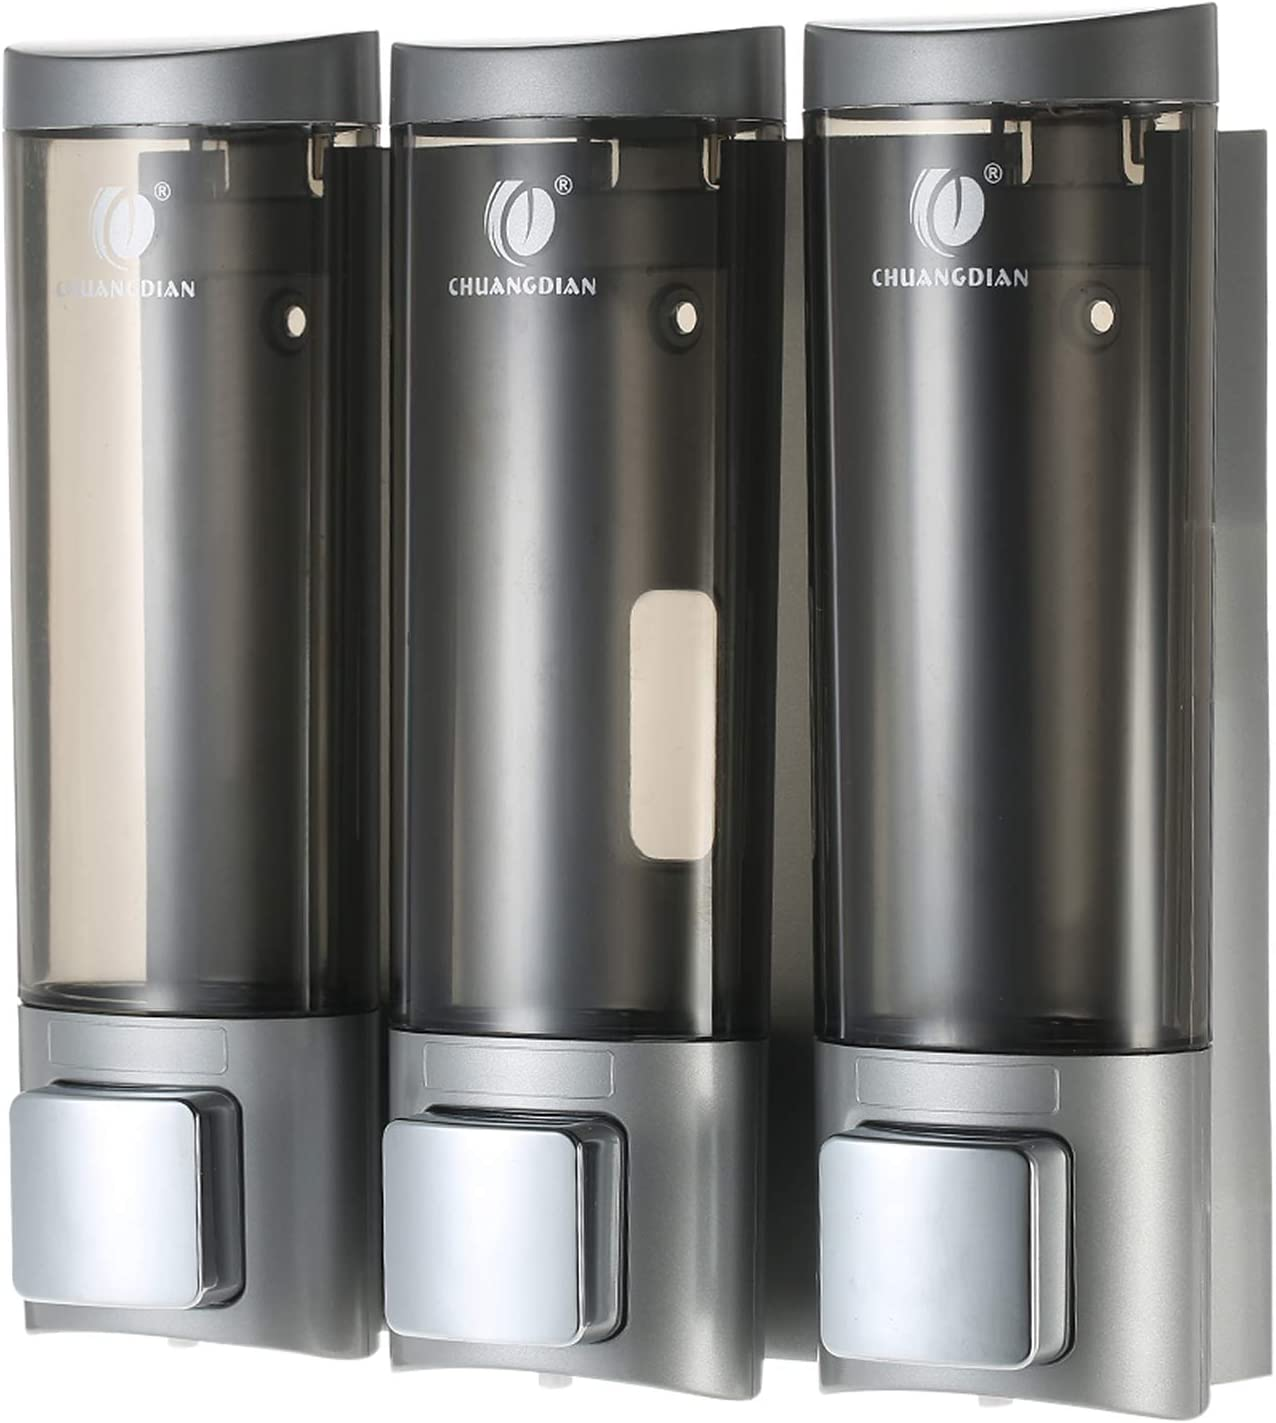 Galapare Dispensadores de jabón, manuales Montado en la Pared Champú de Tres cámaras Caja Champú Gel de Ducha líquido Cuarto de Descanso Baño de Inodoro Dispensador y Soporte 200ml x 3